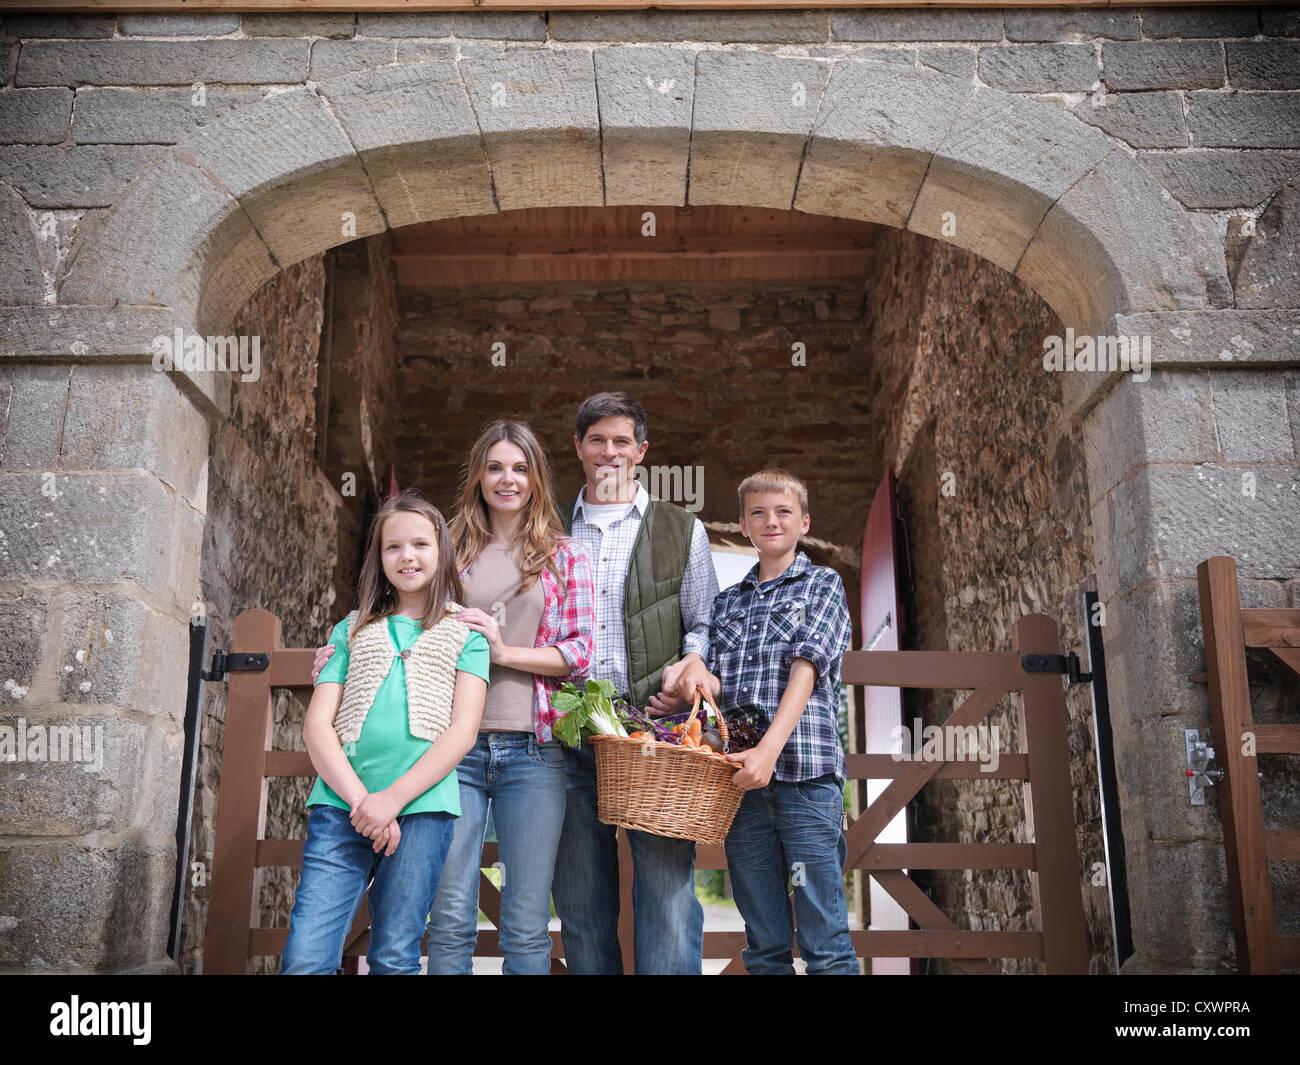 Posando con la familia campesina en el granero Imagen De Stock